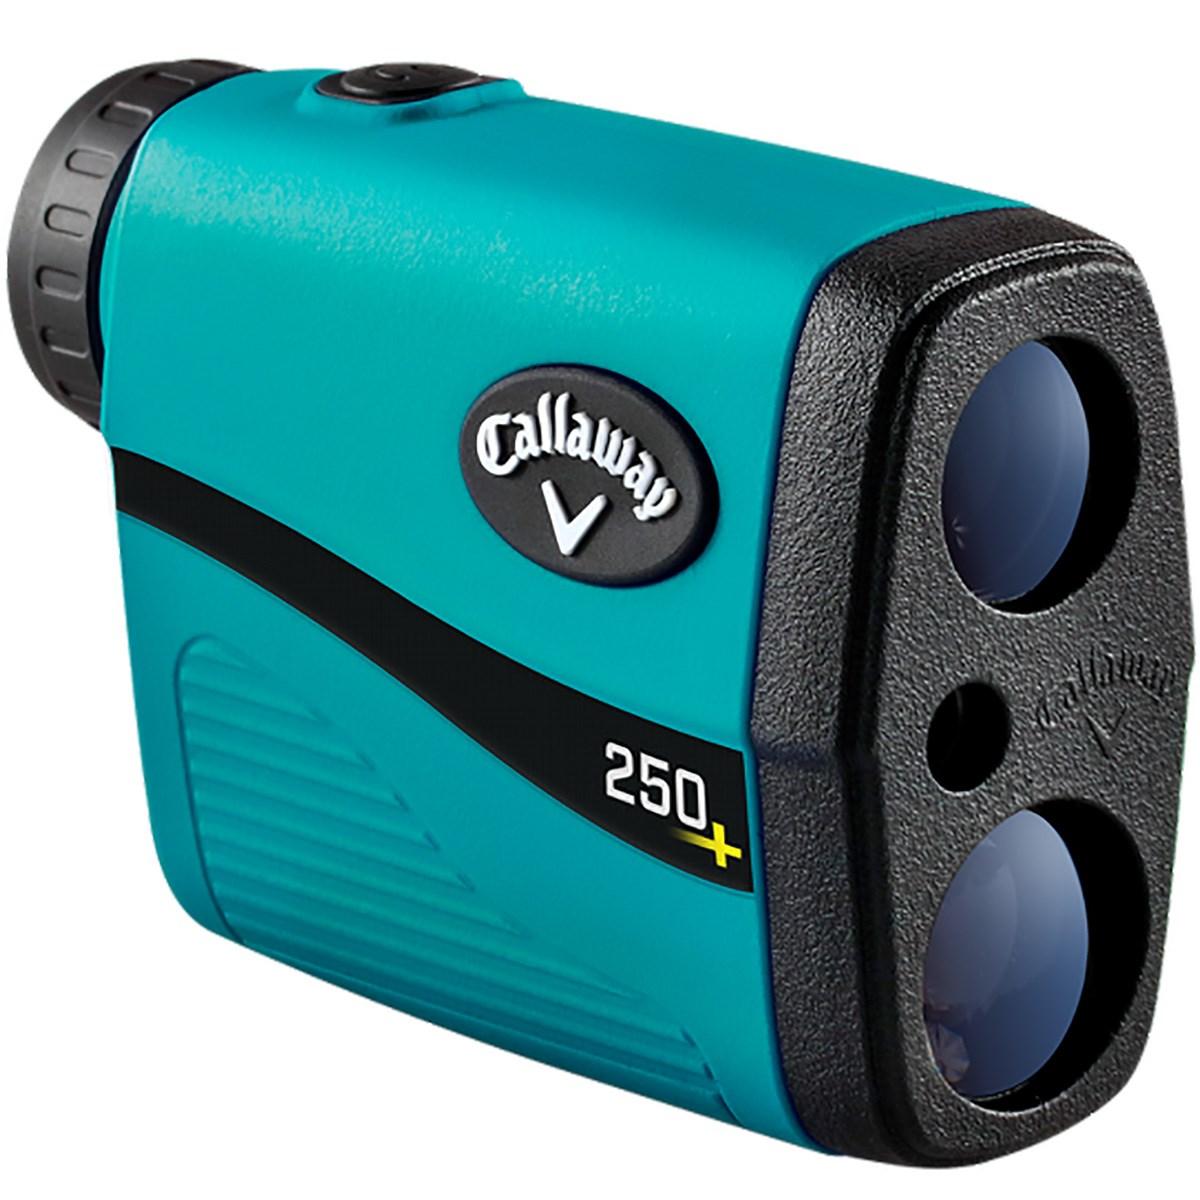 キャロウェイゴルフ(Callaway Golf) 250+ LASER RANGEFINDER